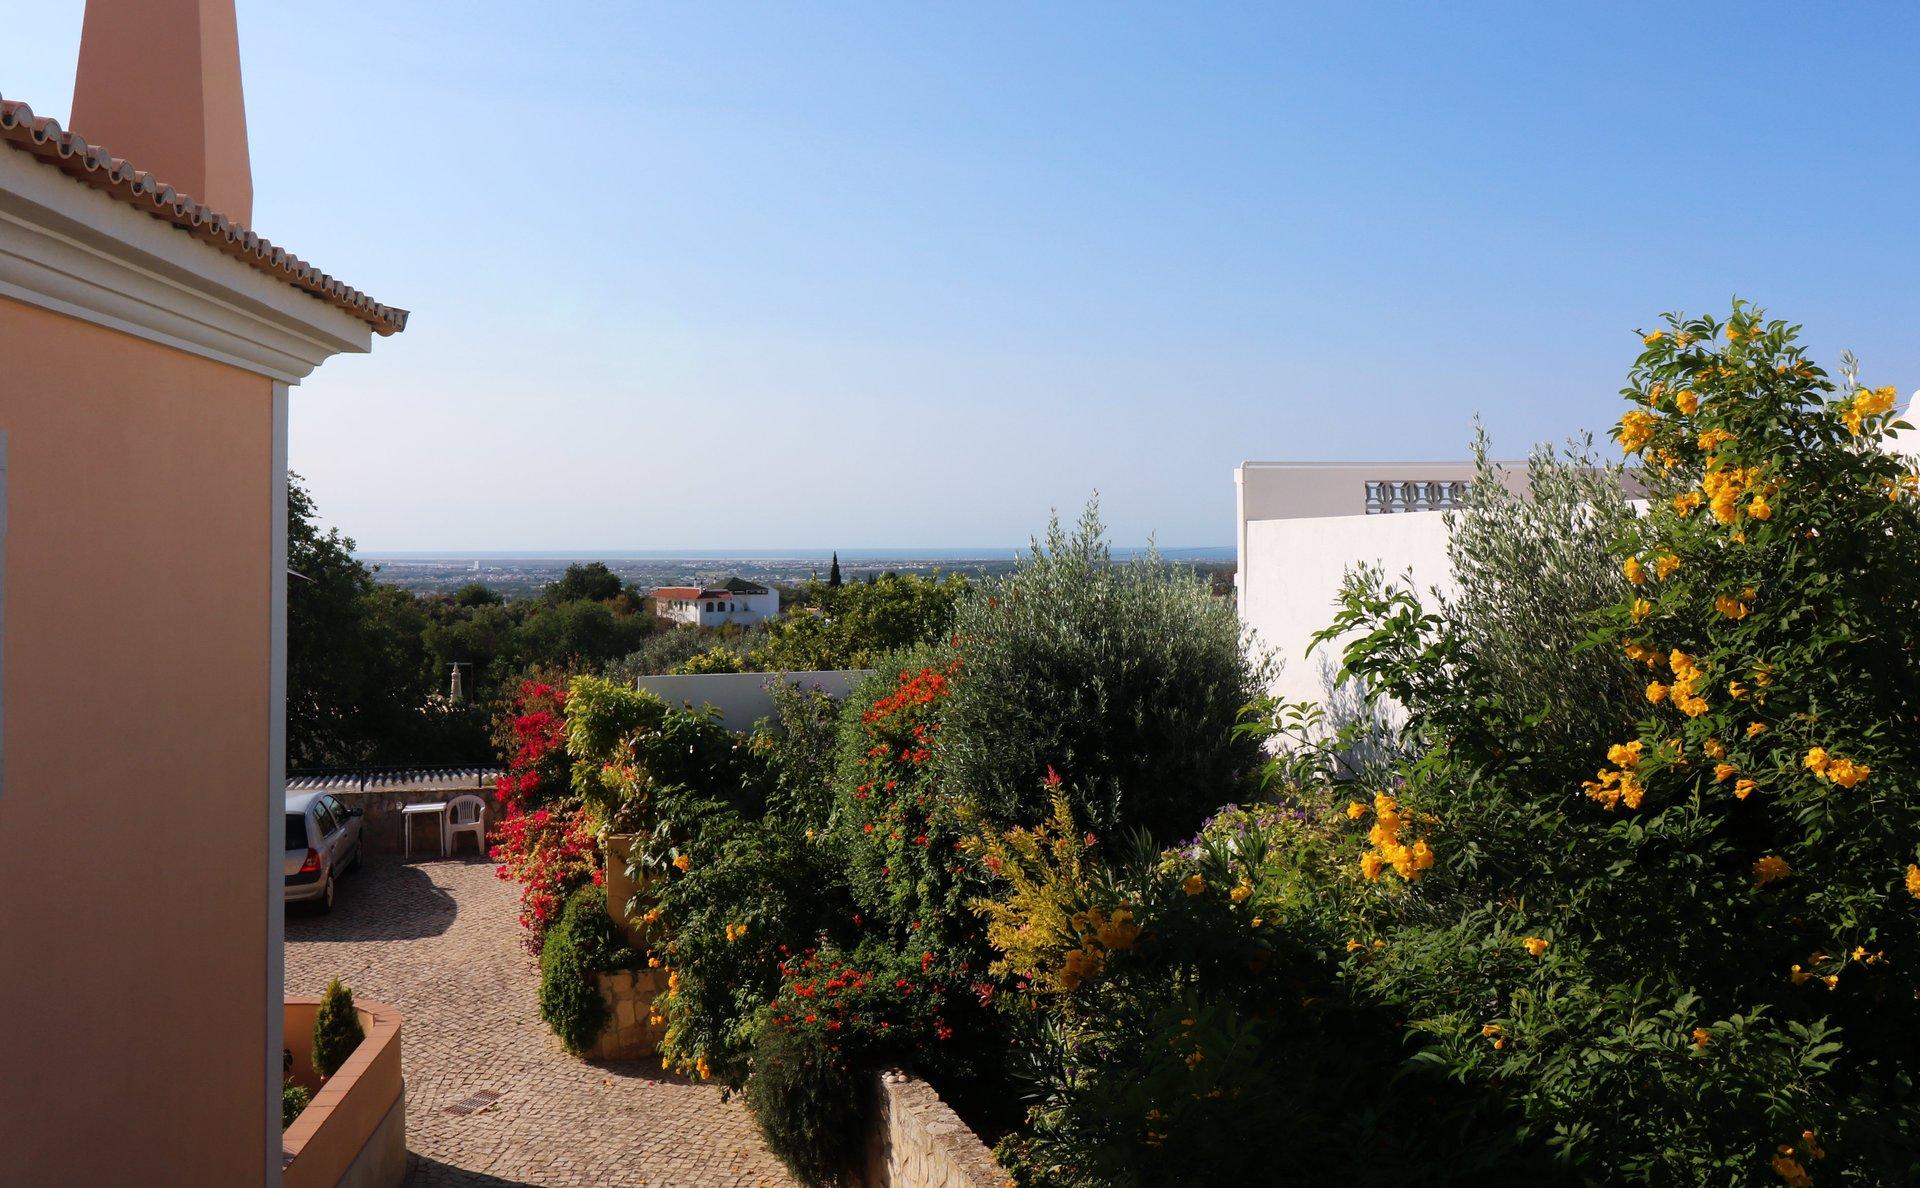 3 Bedroom Apartment Santa Barbara de Nexe, Central Algarve Ref: JA10466